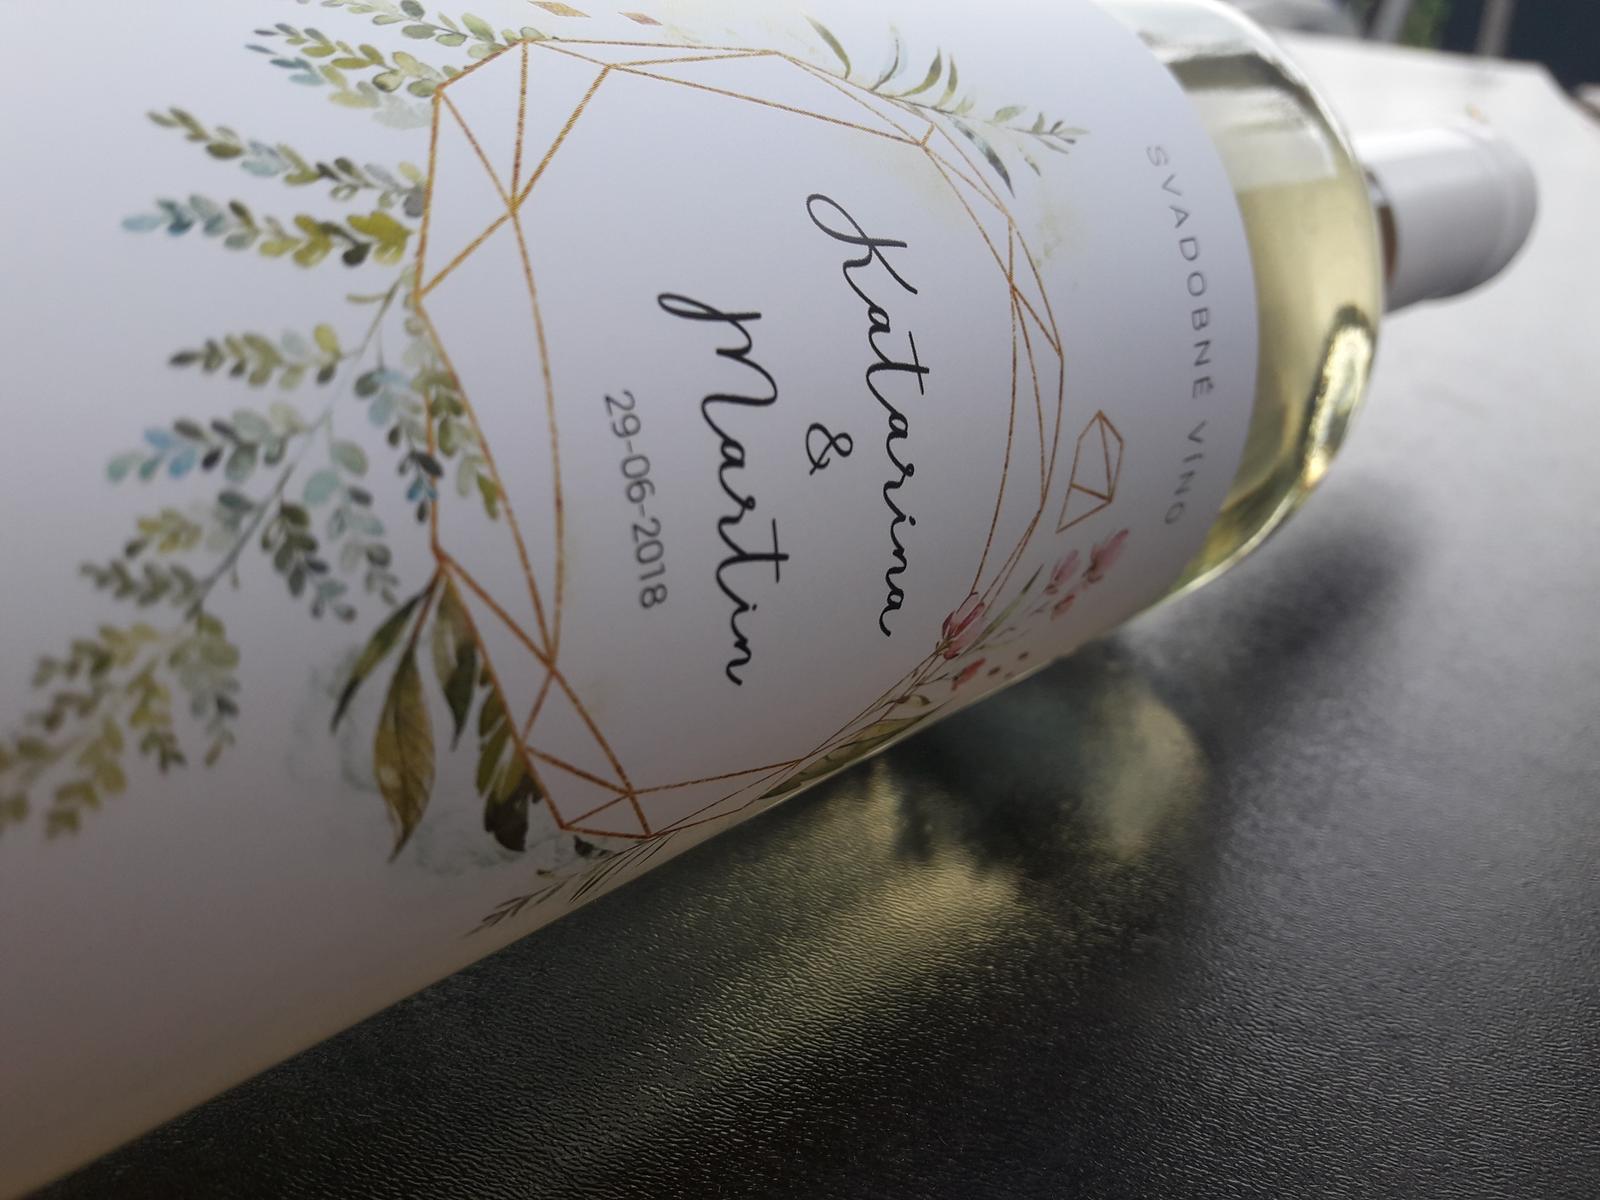 vinomaravilla - Svadobné vínko s modernou etiketou. Jednoduchý a prehľadný motív